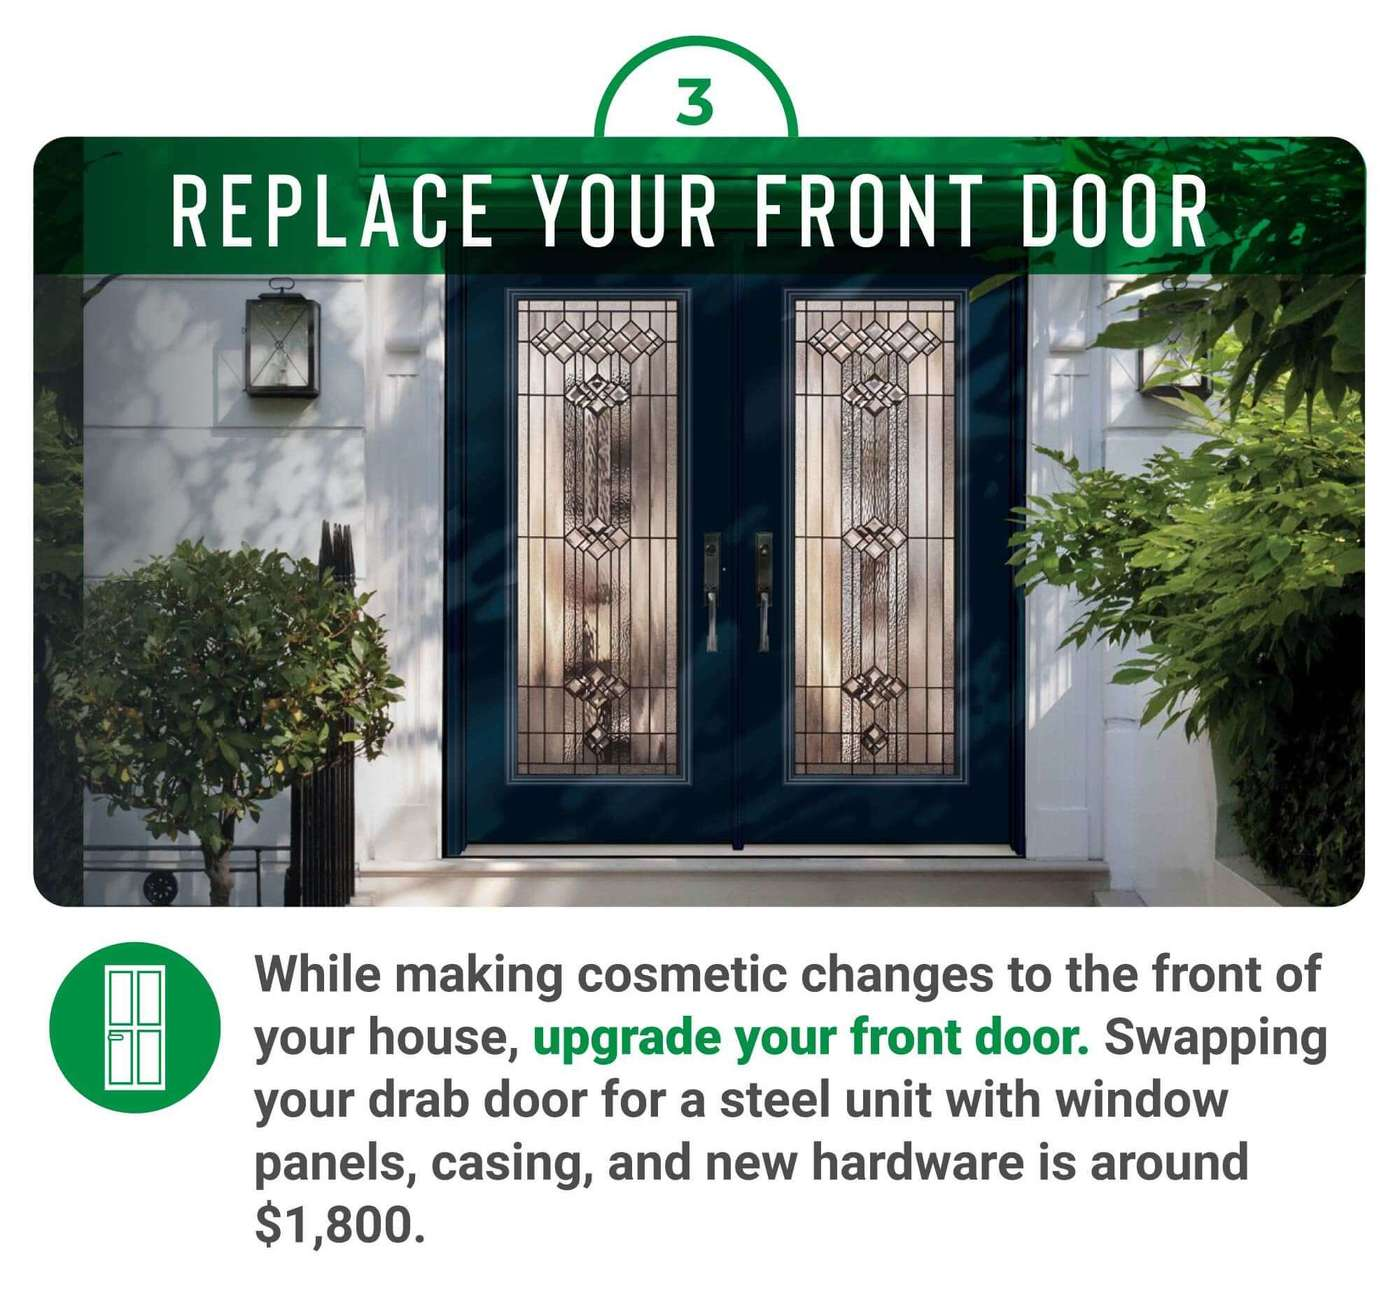 Replace yoru front door